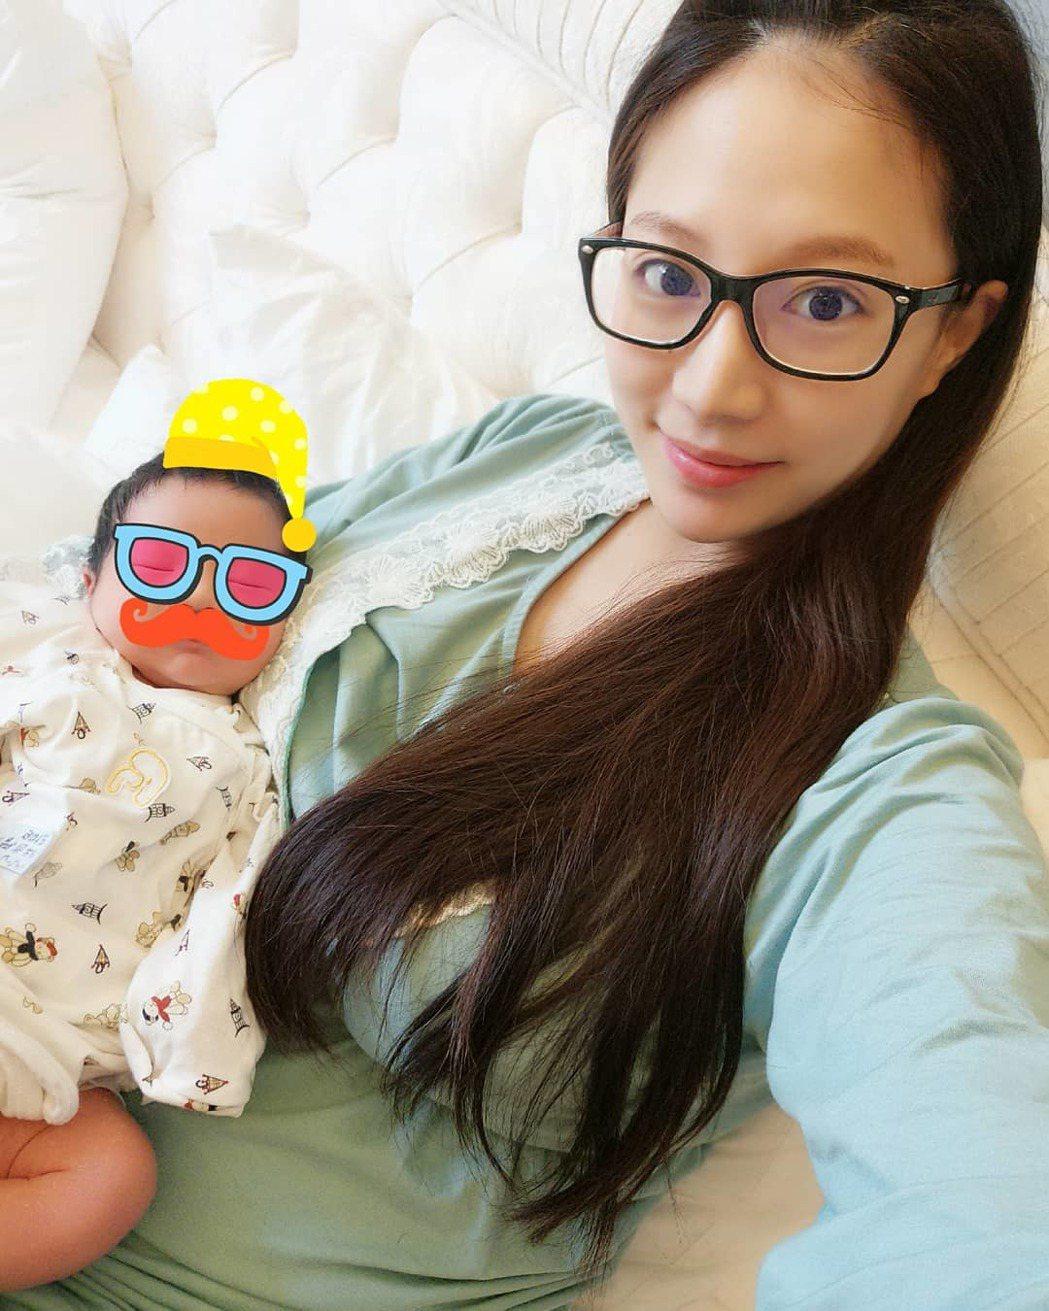 林采緹(右)抱著愛子夏天,消瘦臉蛋引發熱議。圖/摘自IG